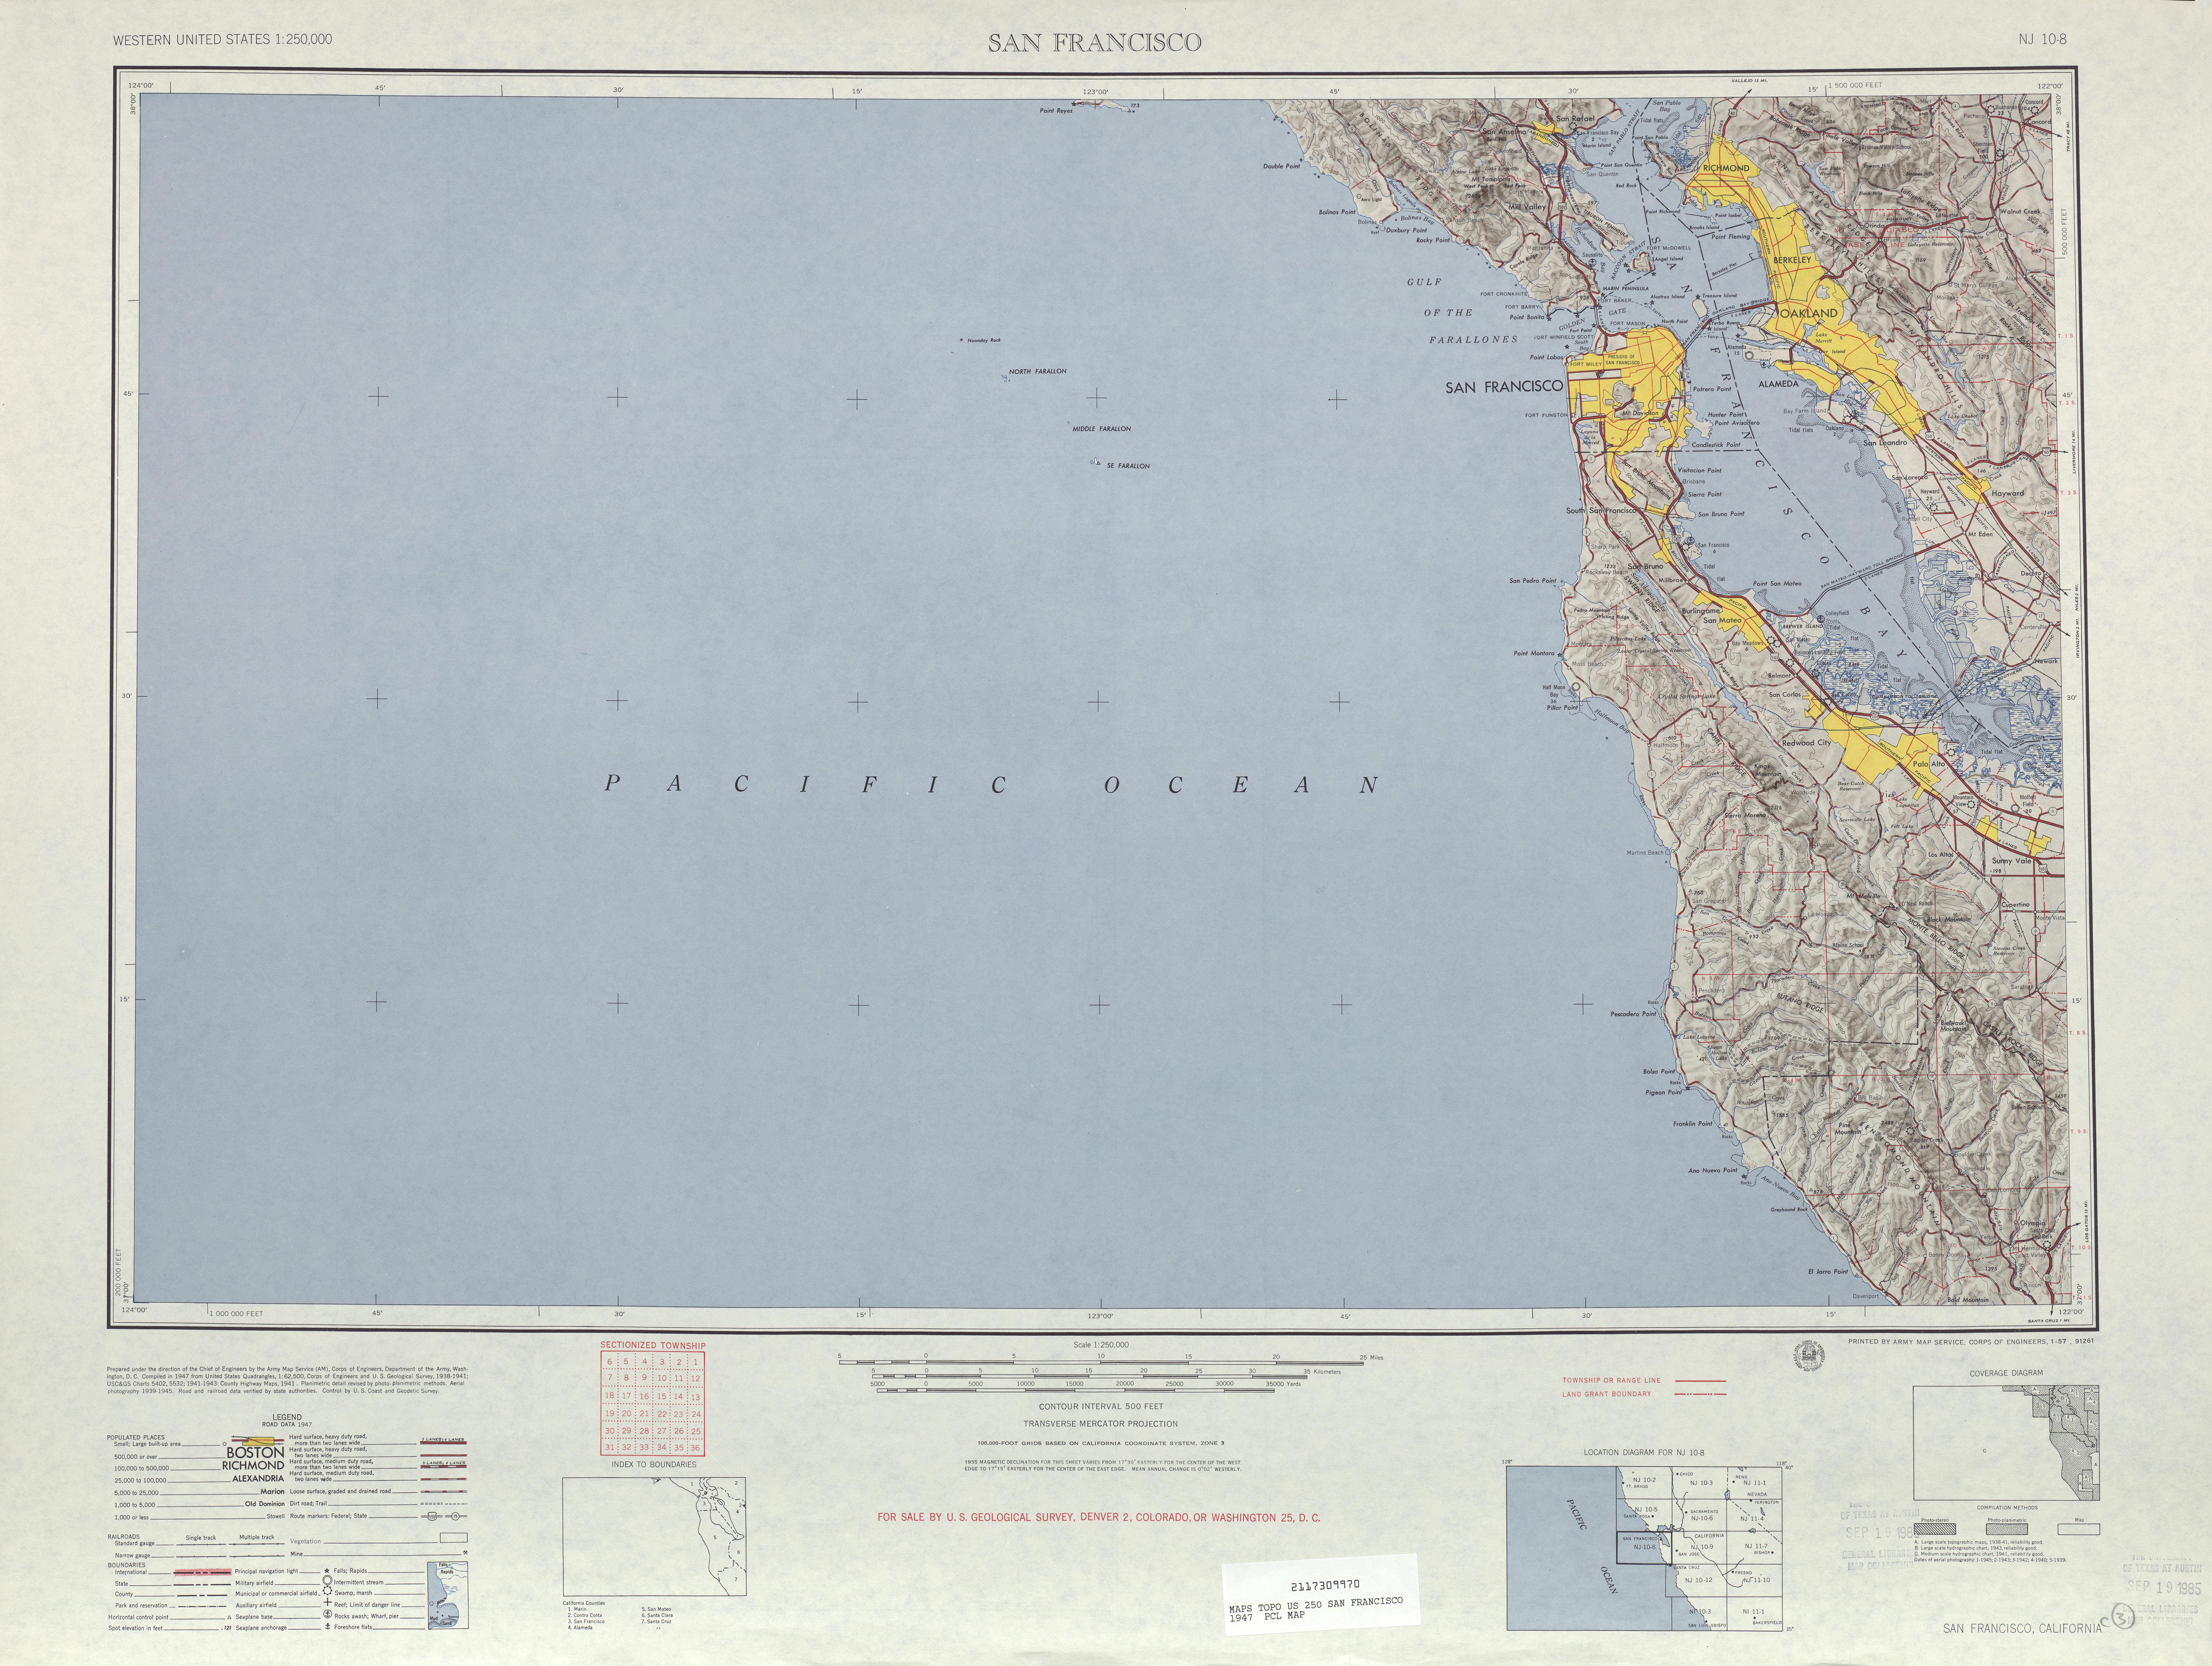 Hoja San Francisco del Mapa Topográfico de los Estados Unidos 1947